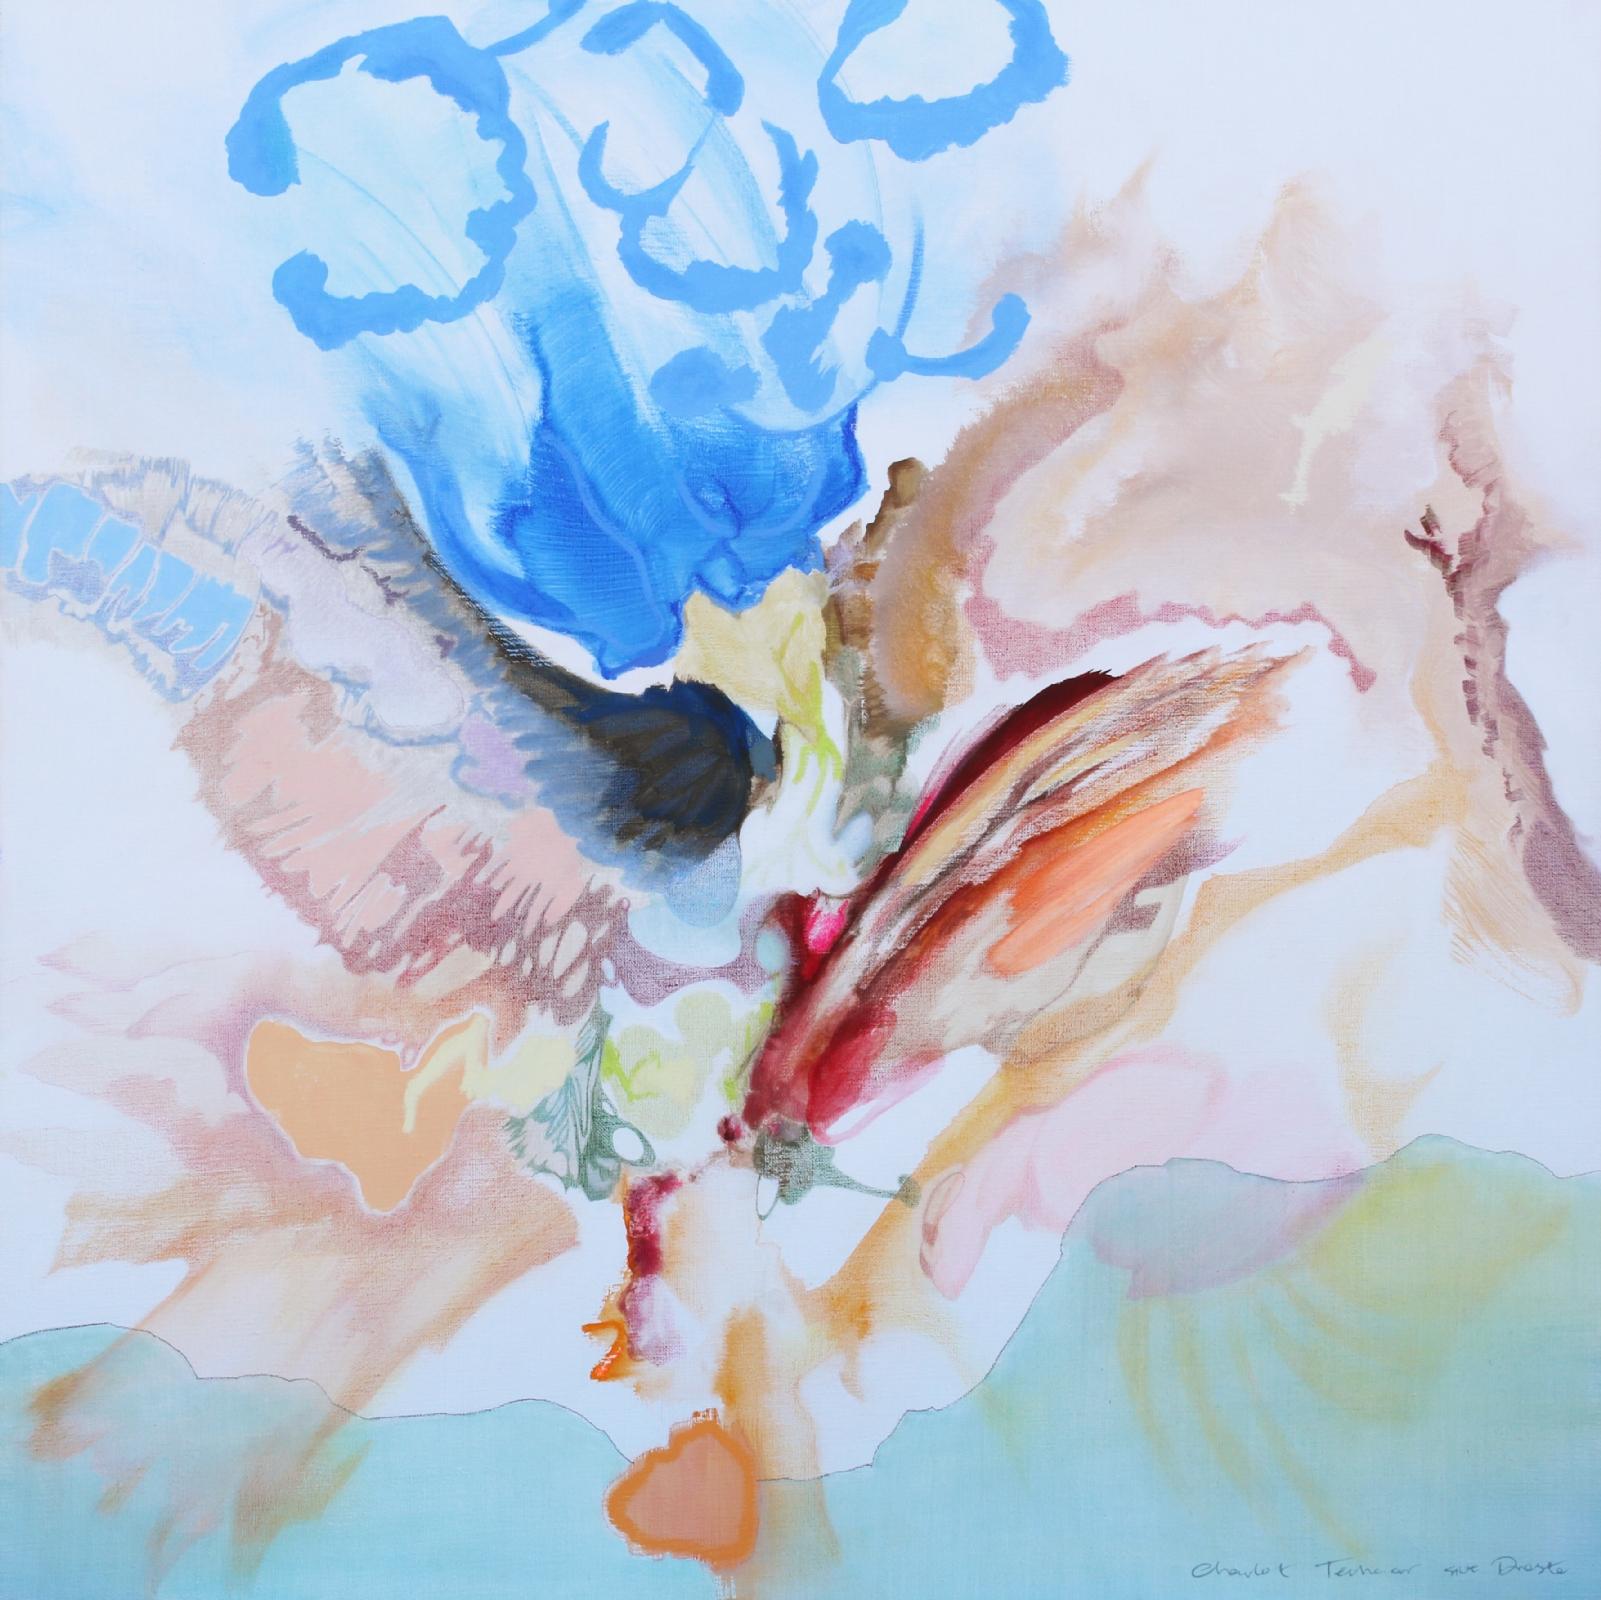 Schilderij #427